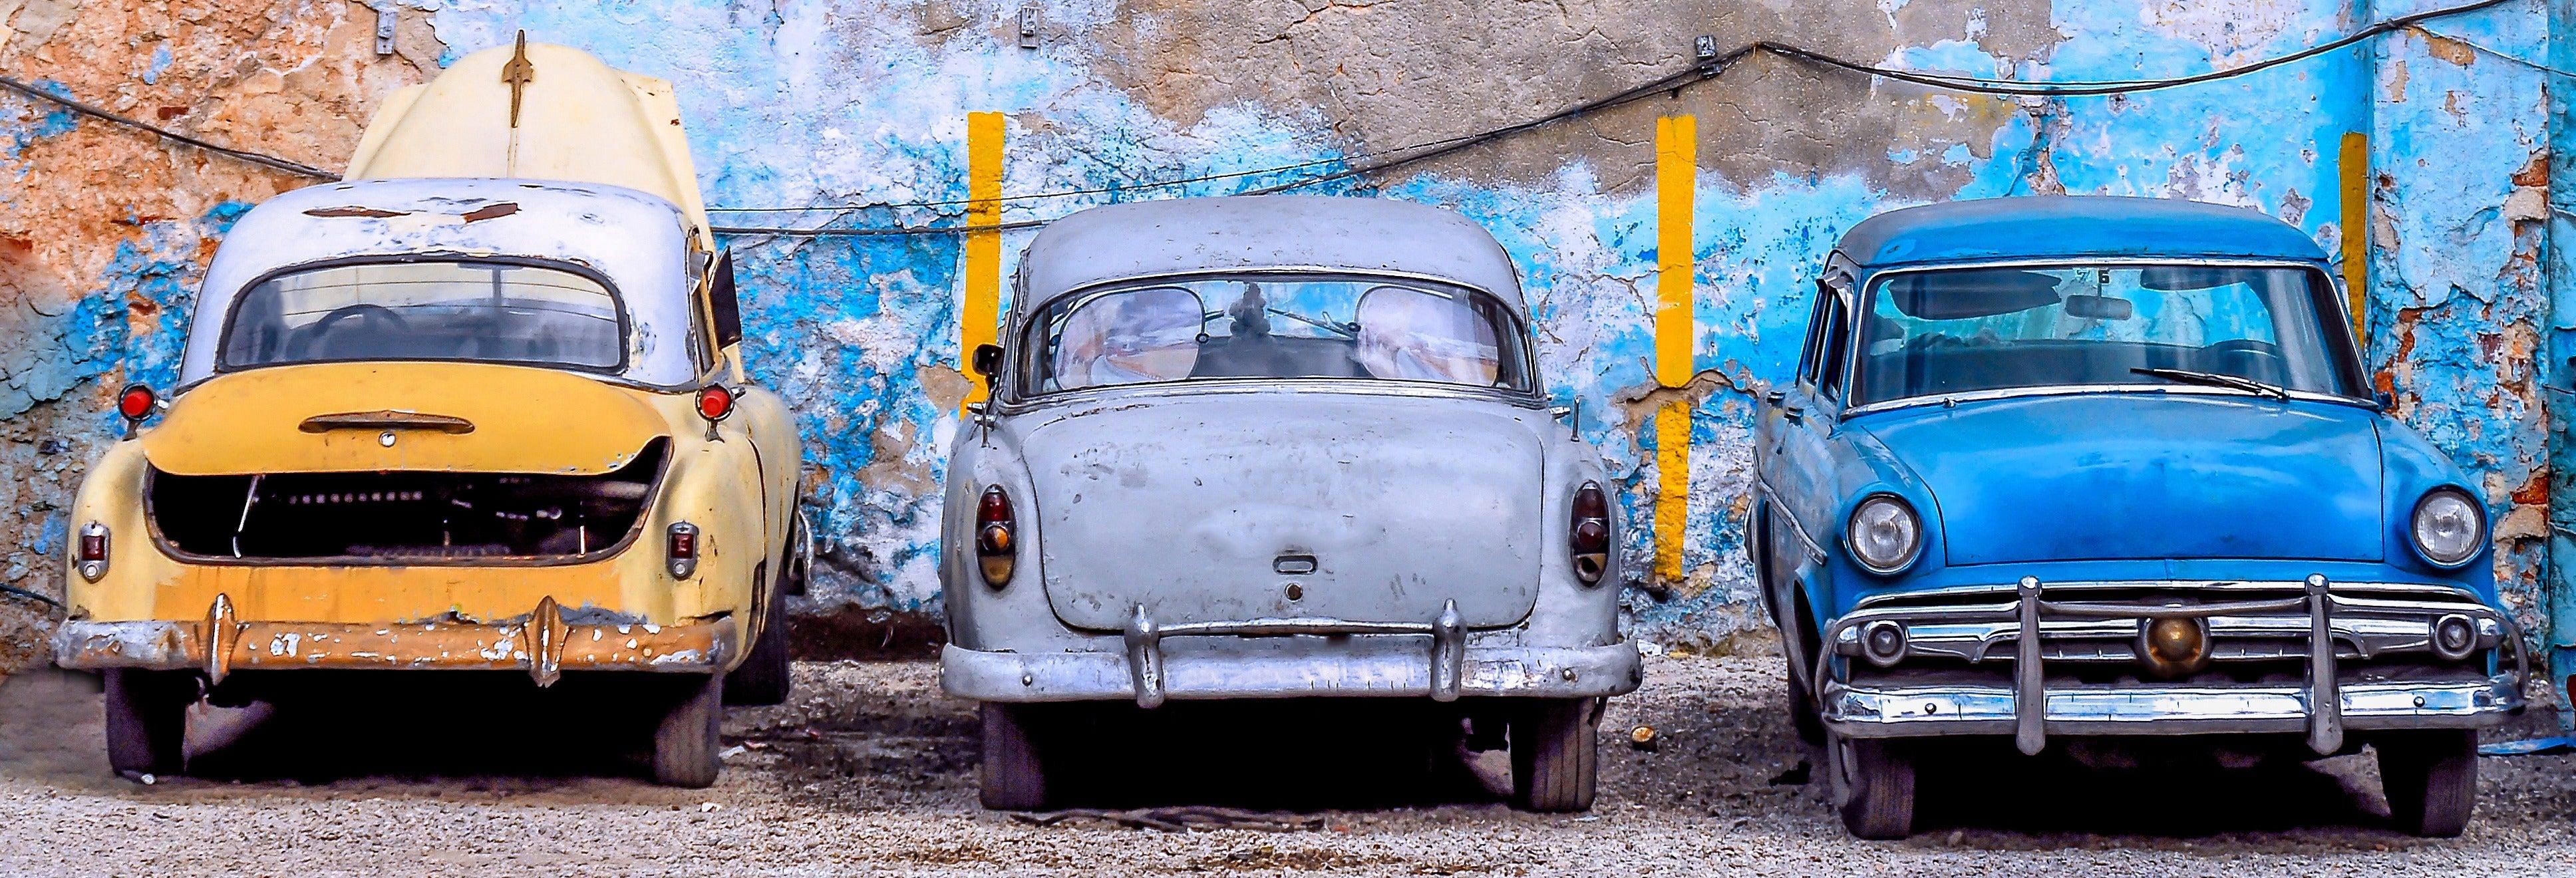 Visita a un taller de coches clásicos